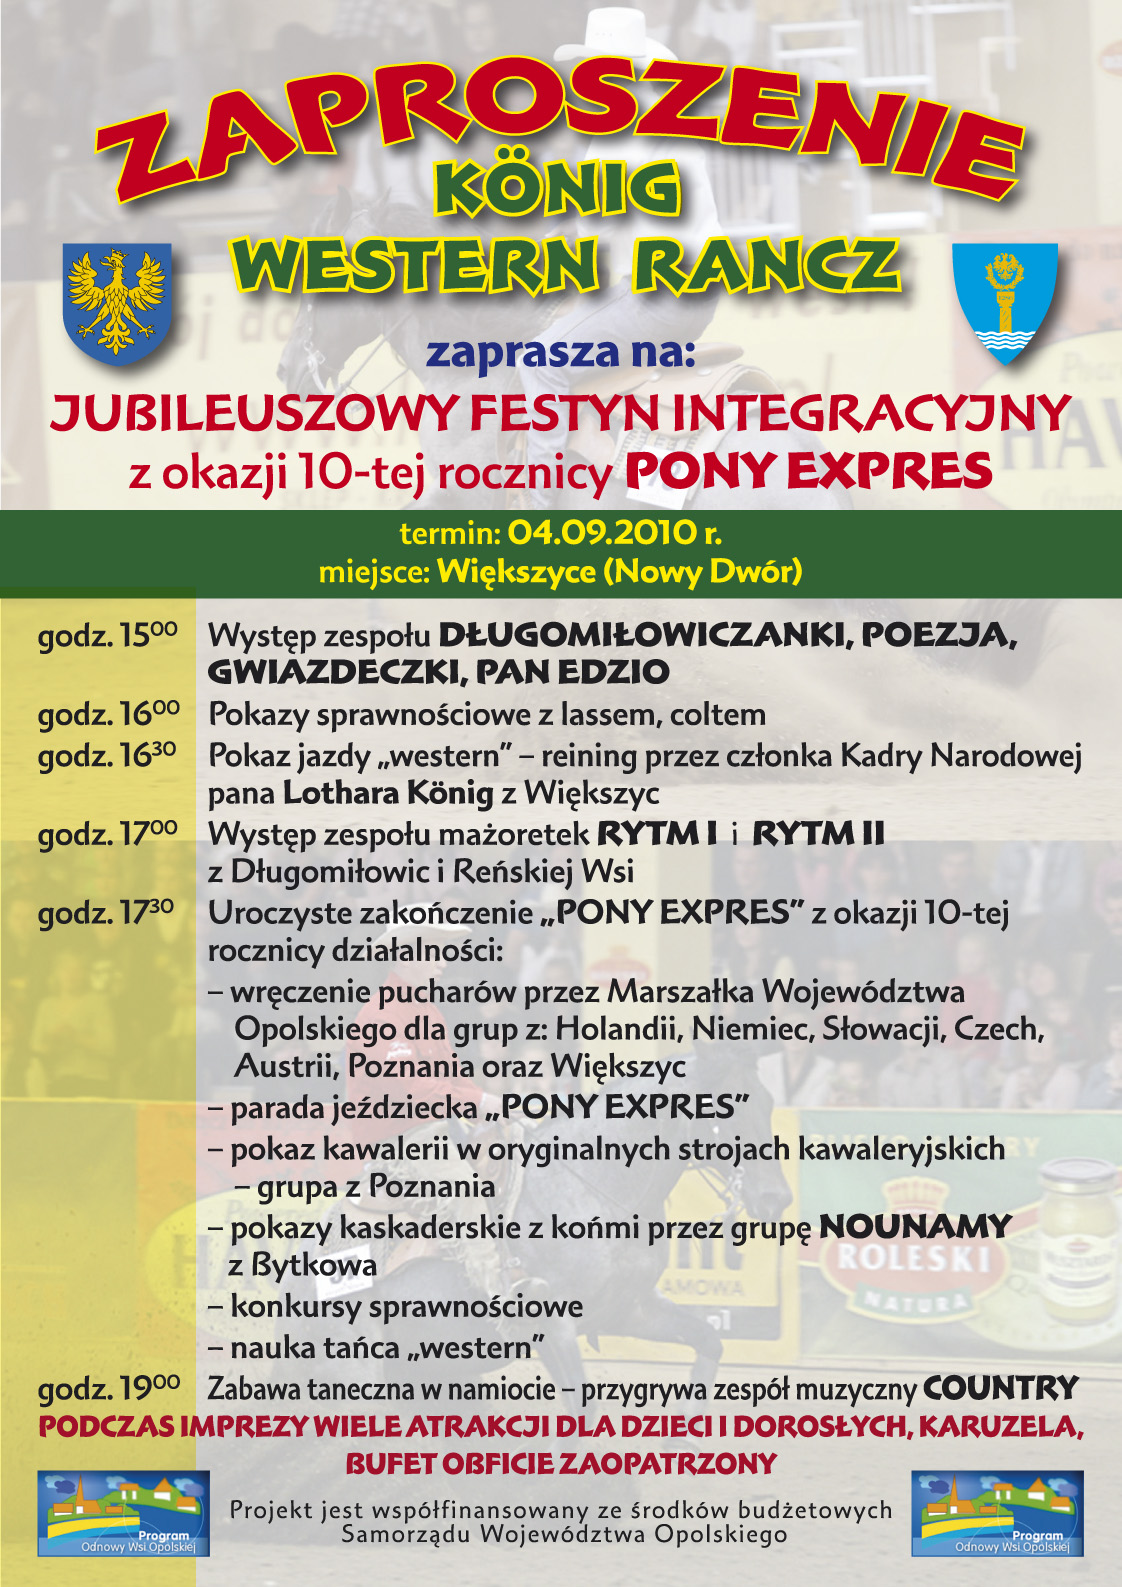 Plakat Jubileuszowego Festynu Integracyjnego Pony Expres